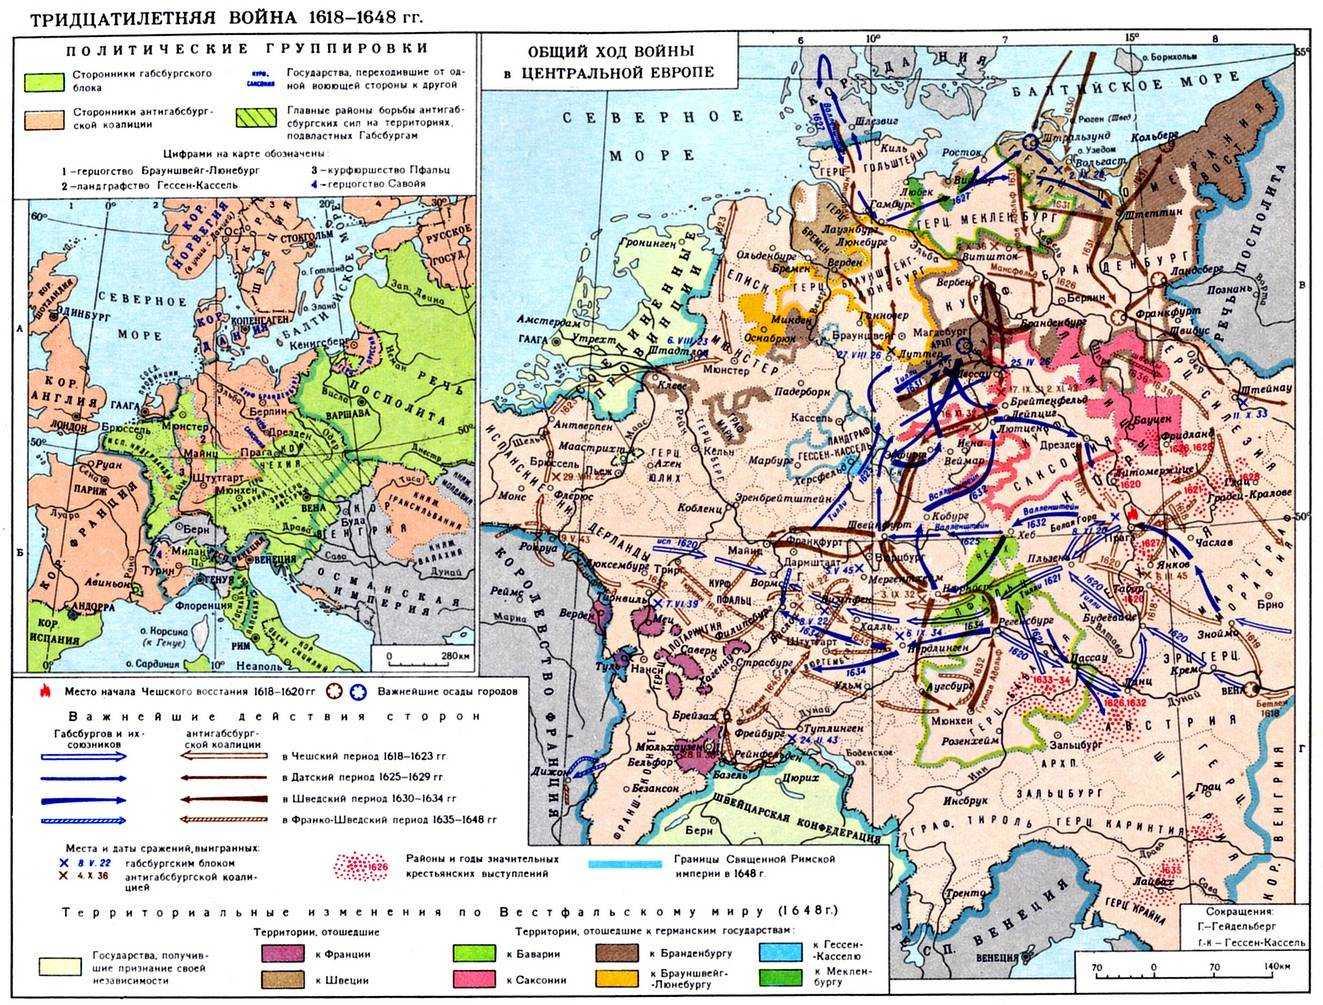 Карта военных действий в тридцатилетней войне